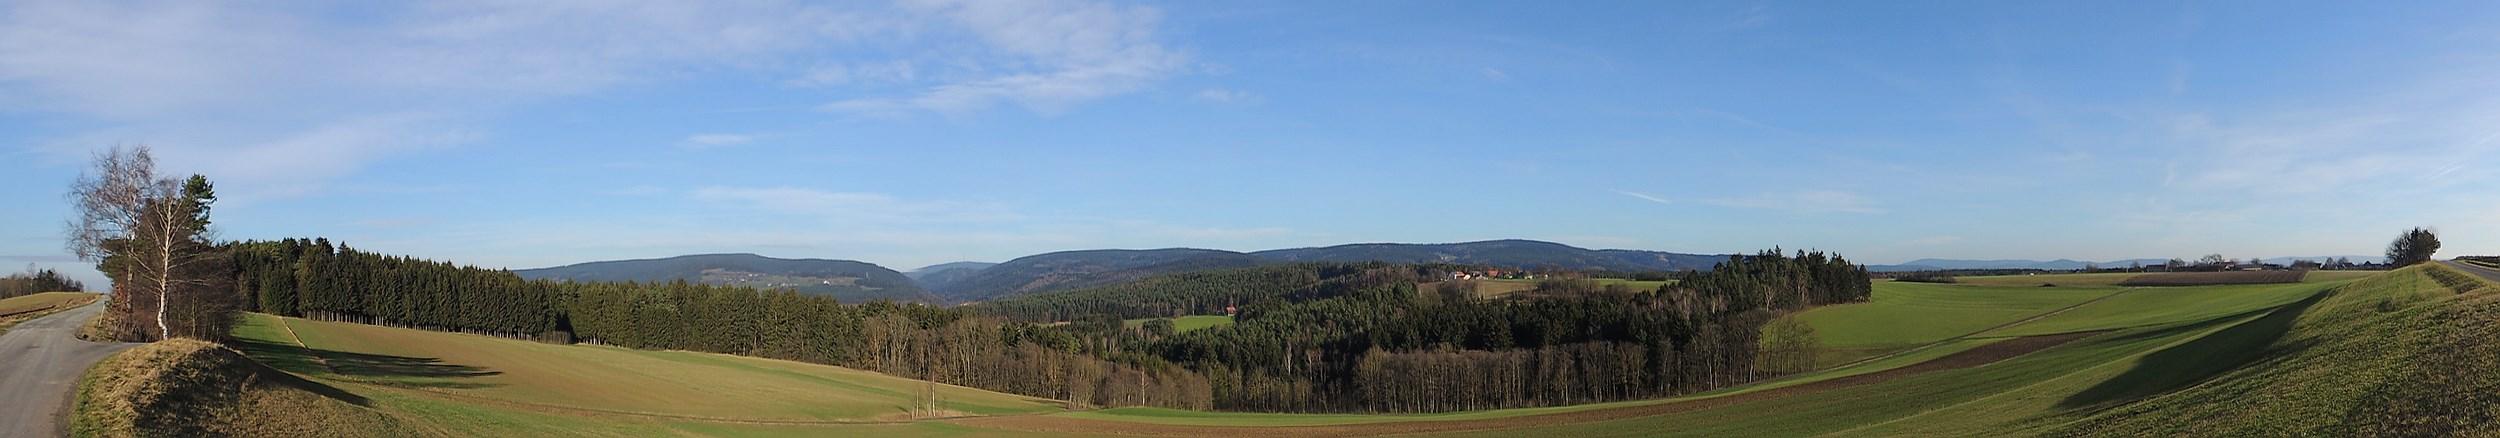 Wanderung Weidenberg-Runde 005 [2500x2100]